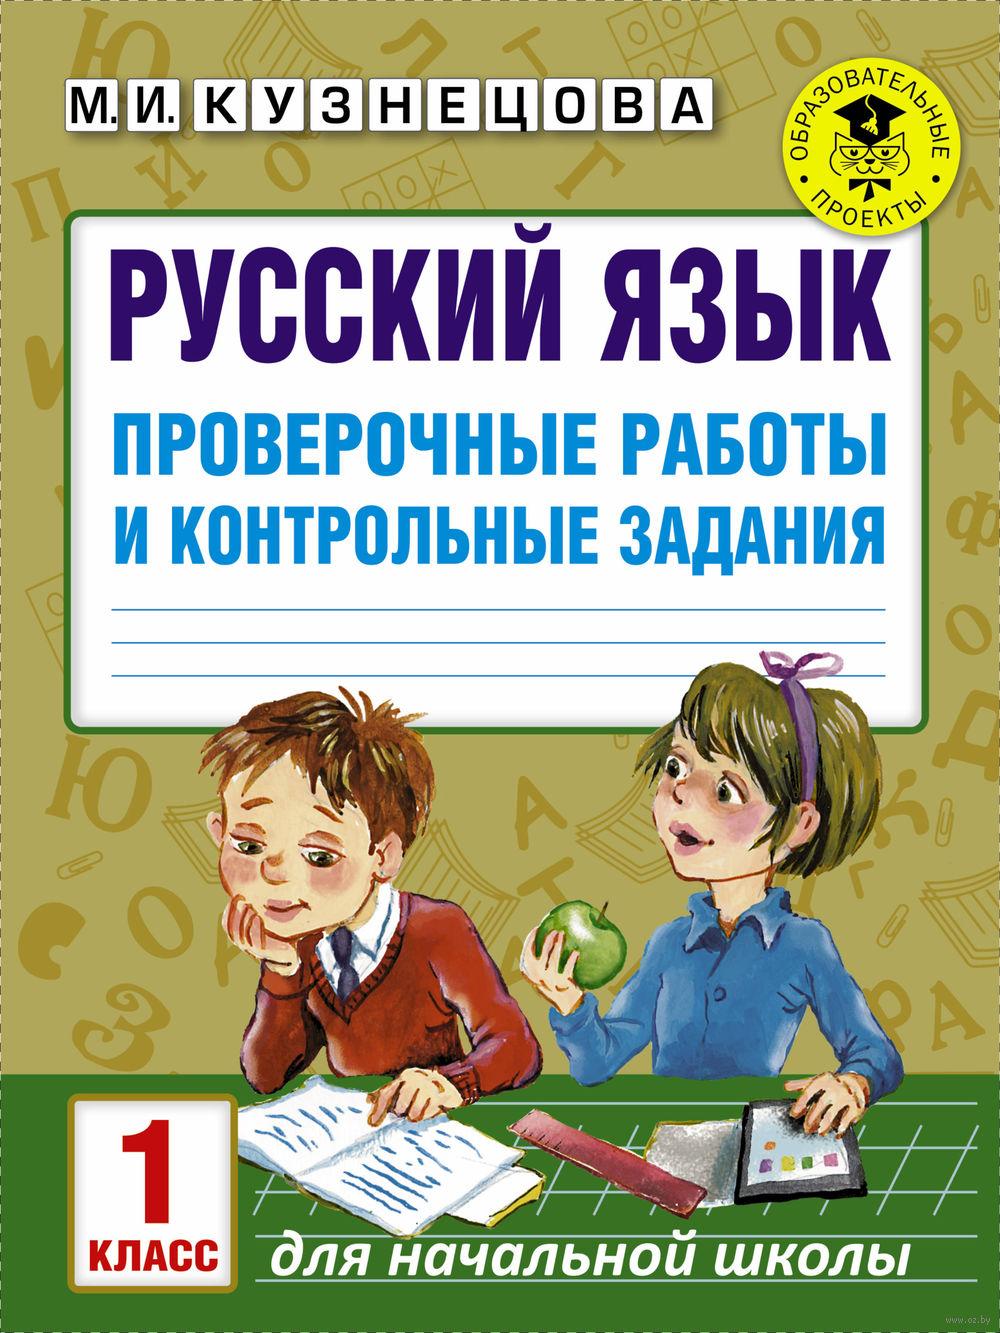 Русский язык Проверочные работы и контрольные задания класс  Проверочные работы и контрольные задания 1 класс фото картинка